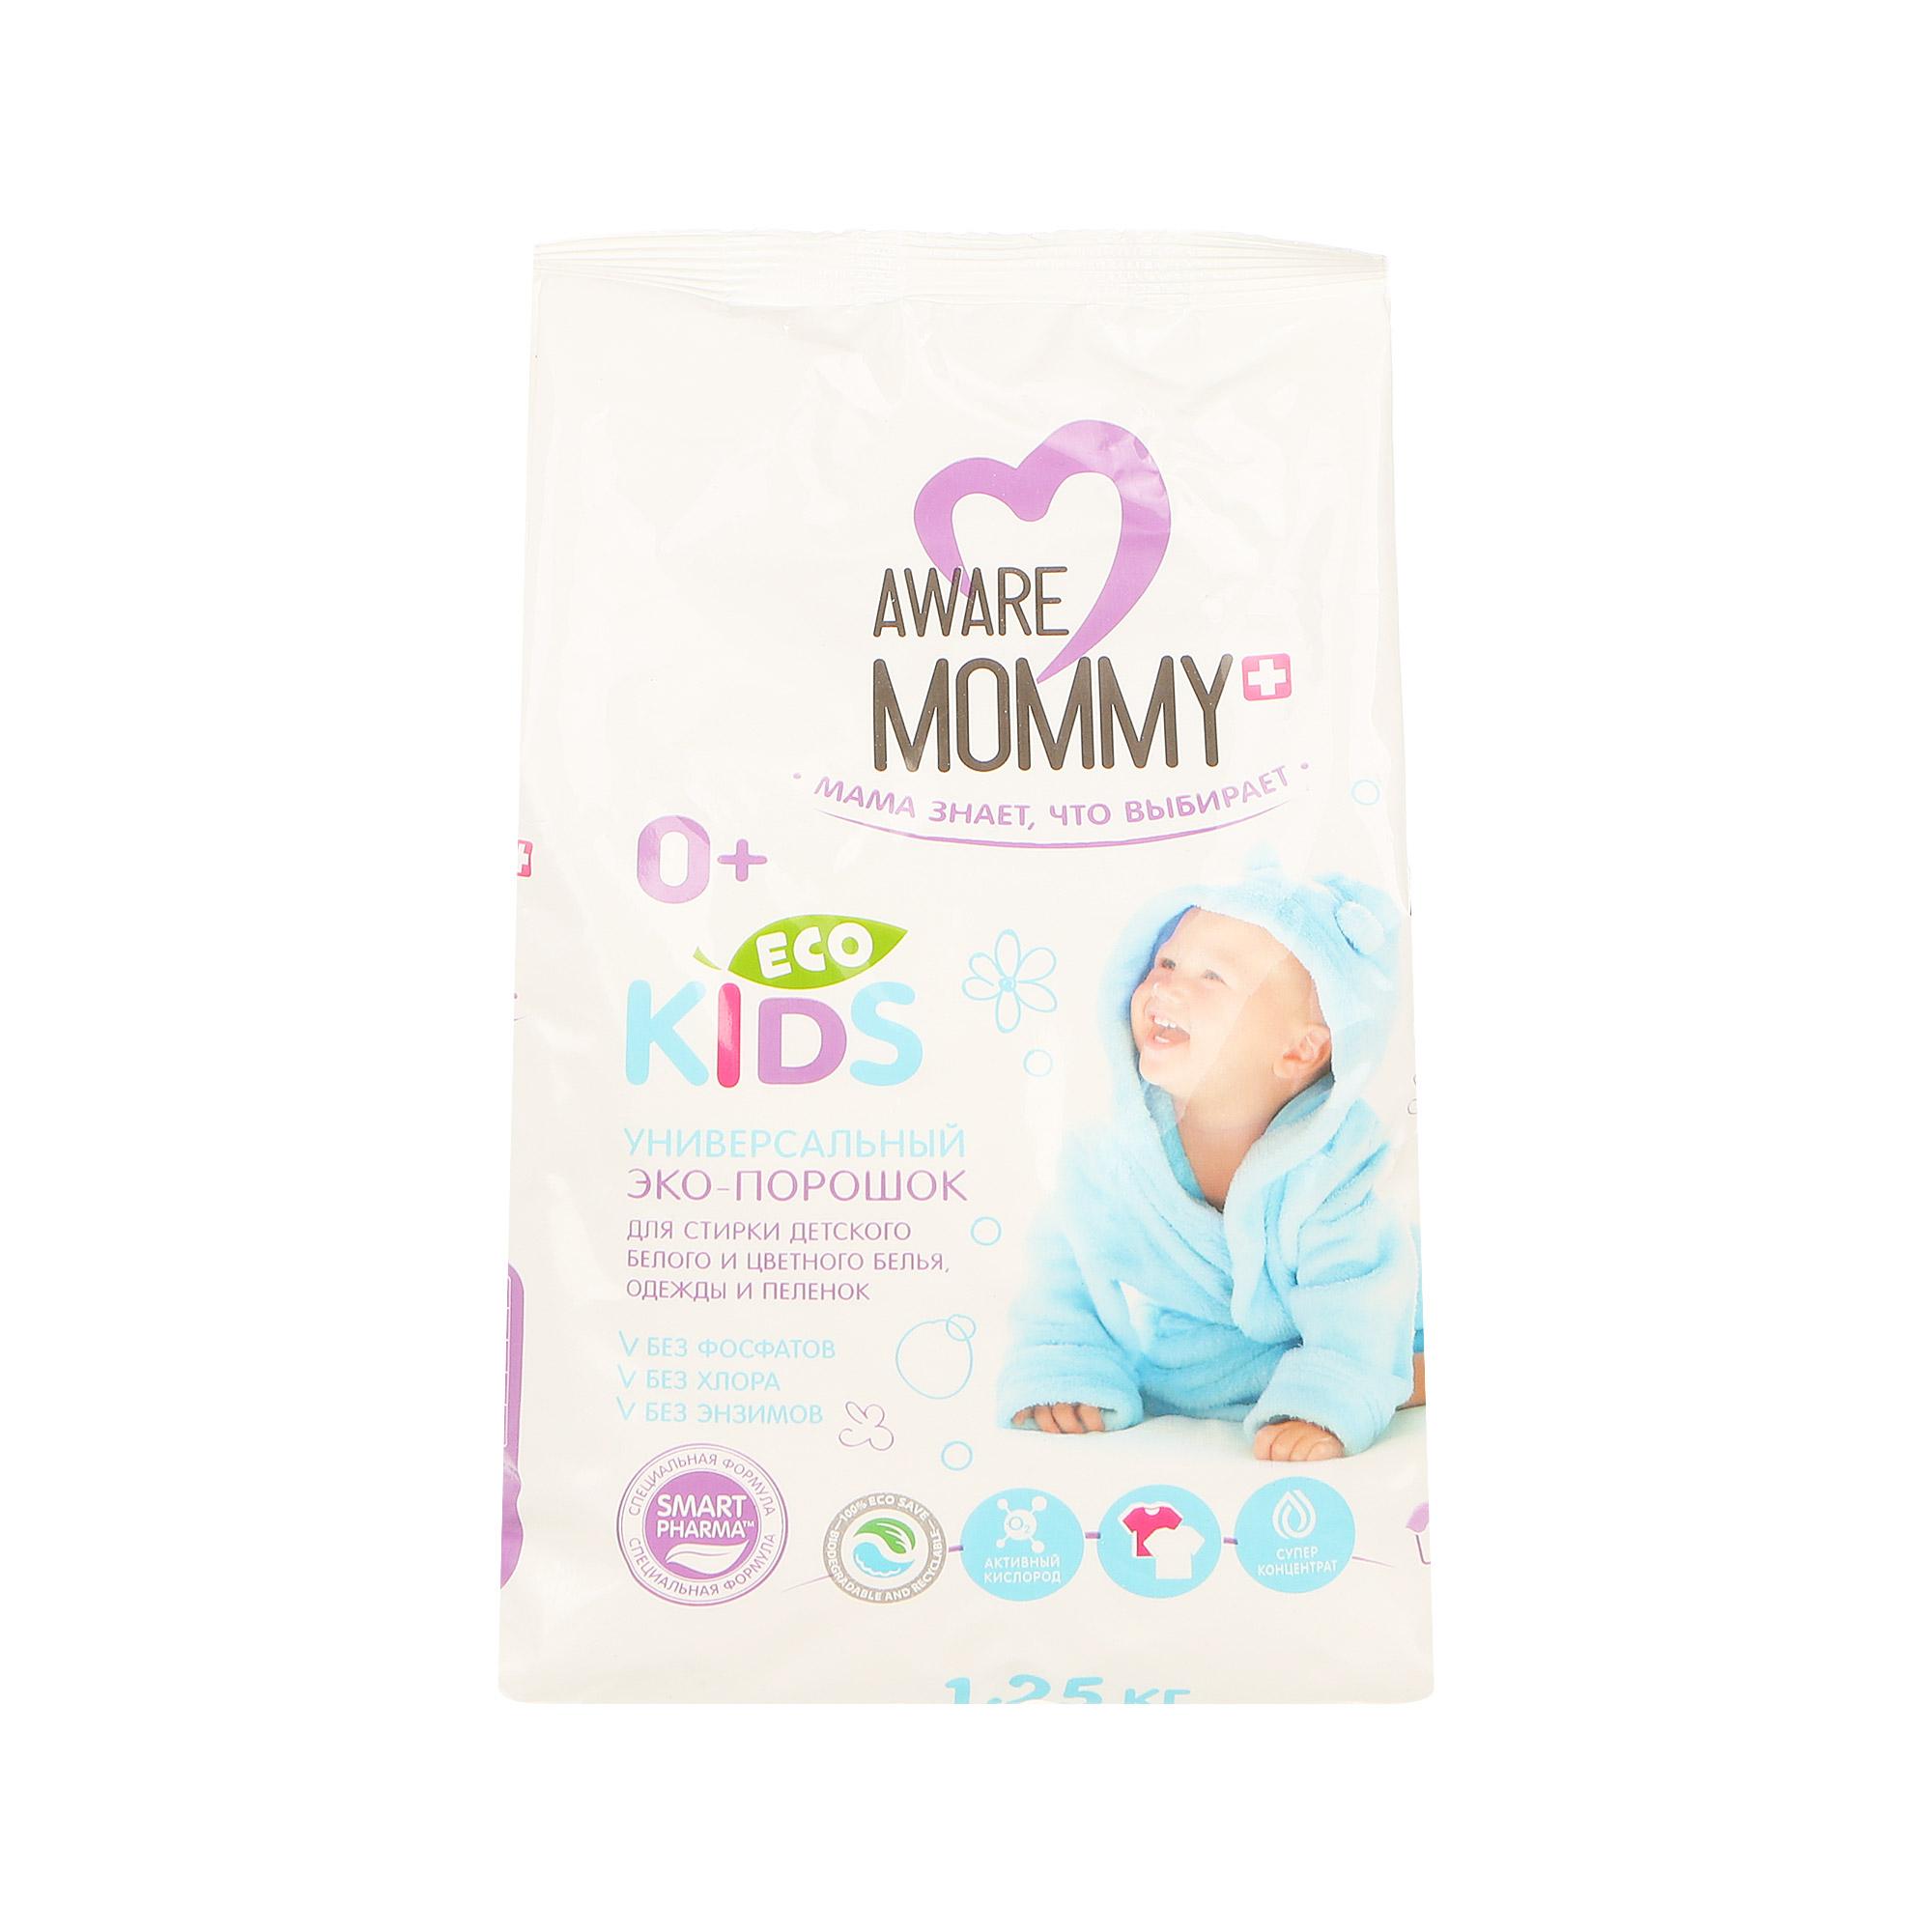 Порошок для стирки Aware mommy eco kids 1.25 кг